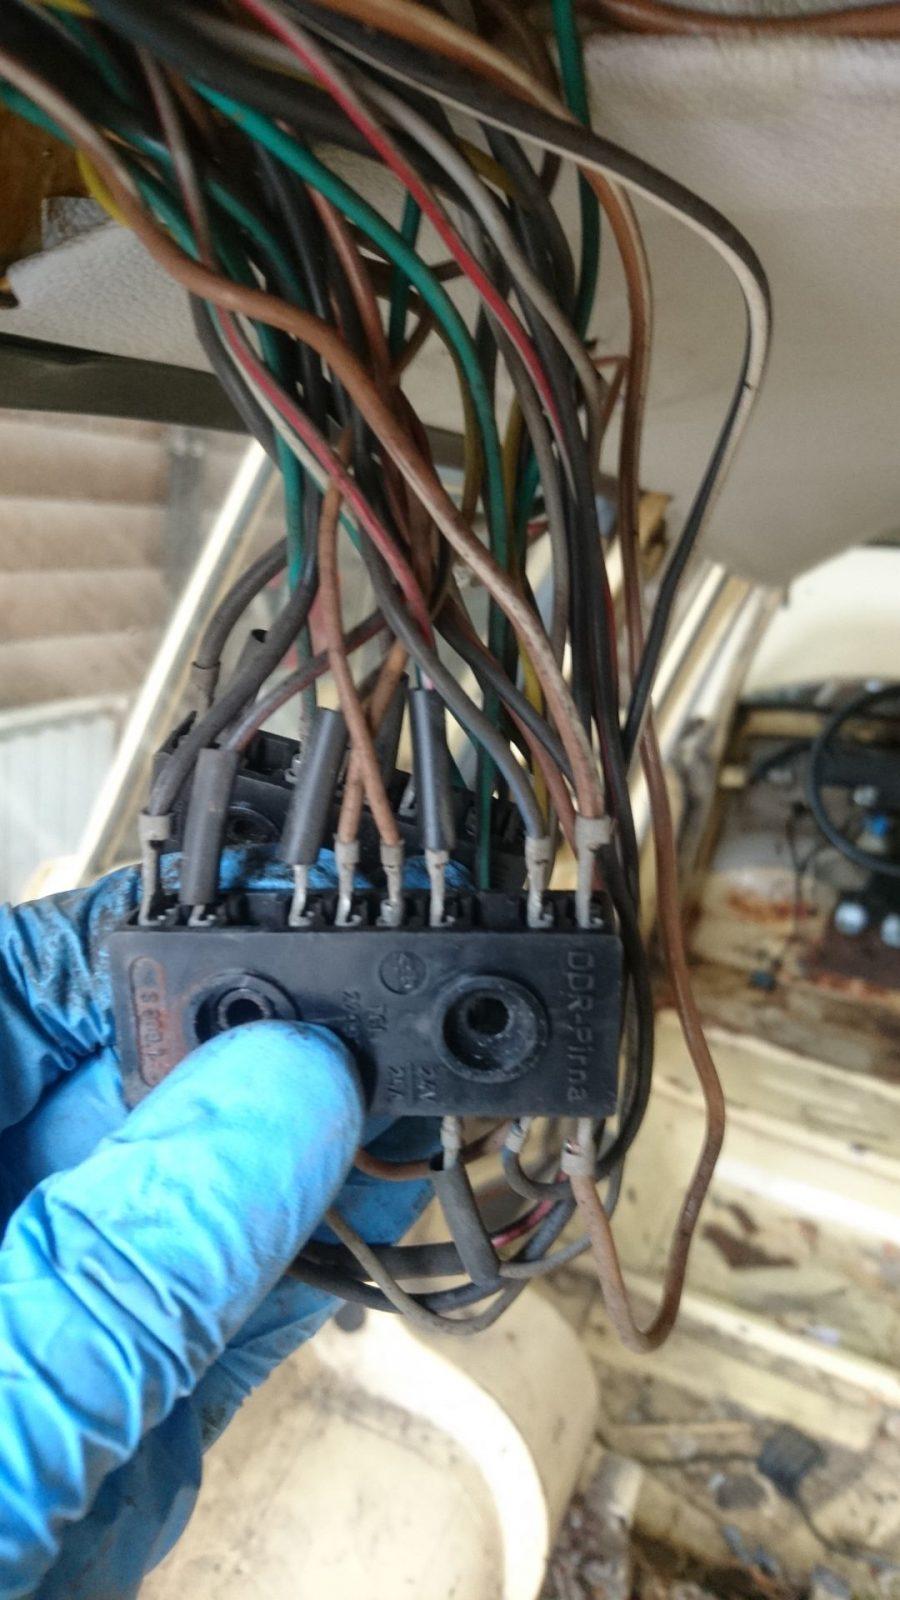 Das ist der obere der beiden Steckverbinder mit Blick auf die Kontaktseite, an der die Kabel, die vom Hauptkabelbaum kommen, aufgesteckt werden.